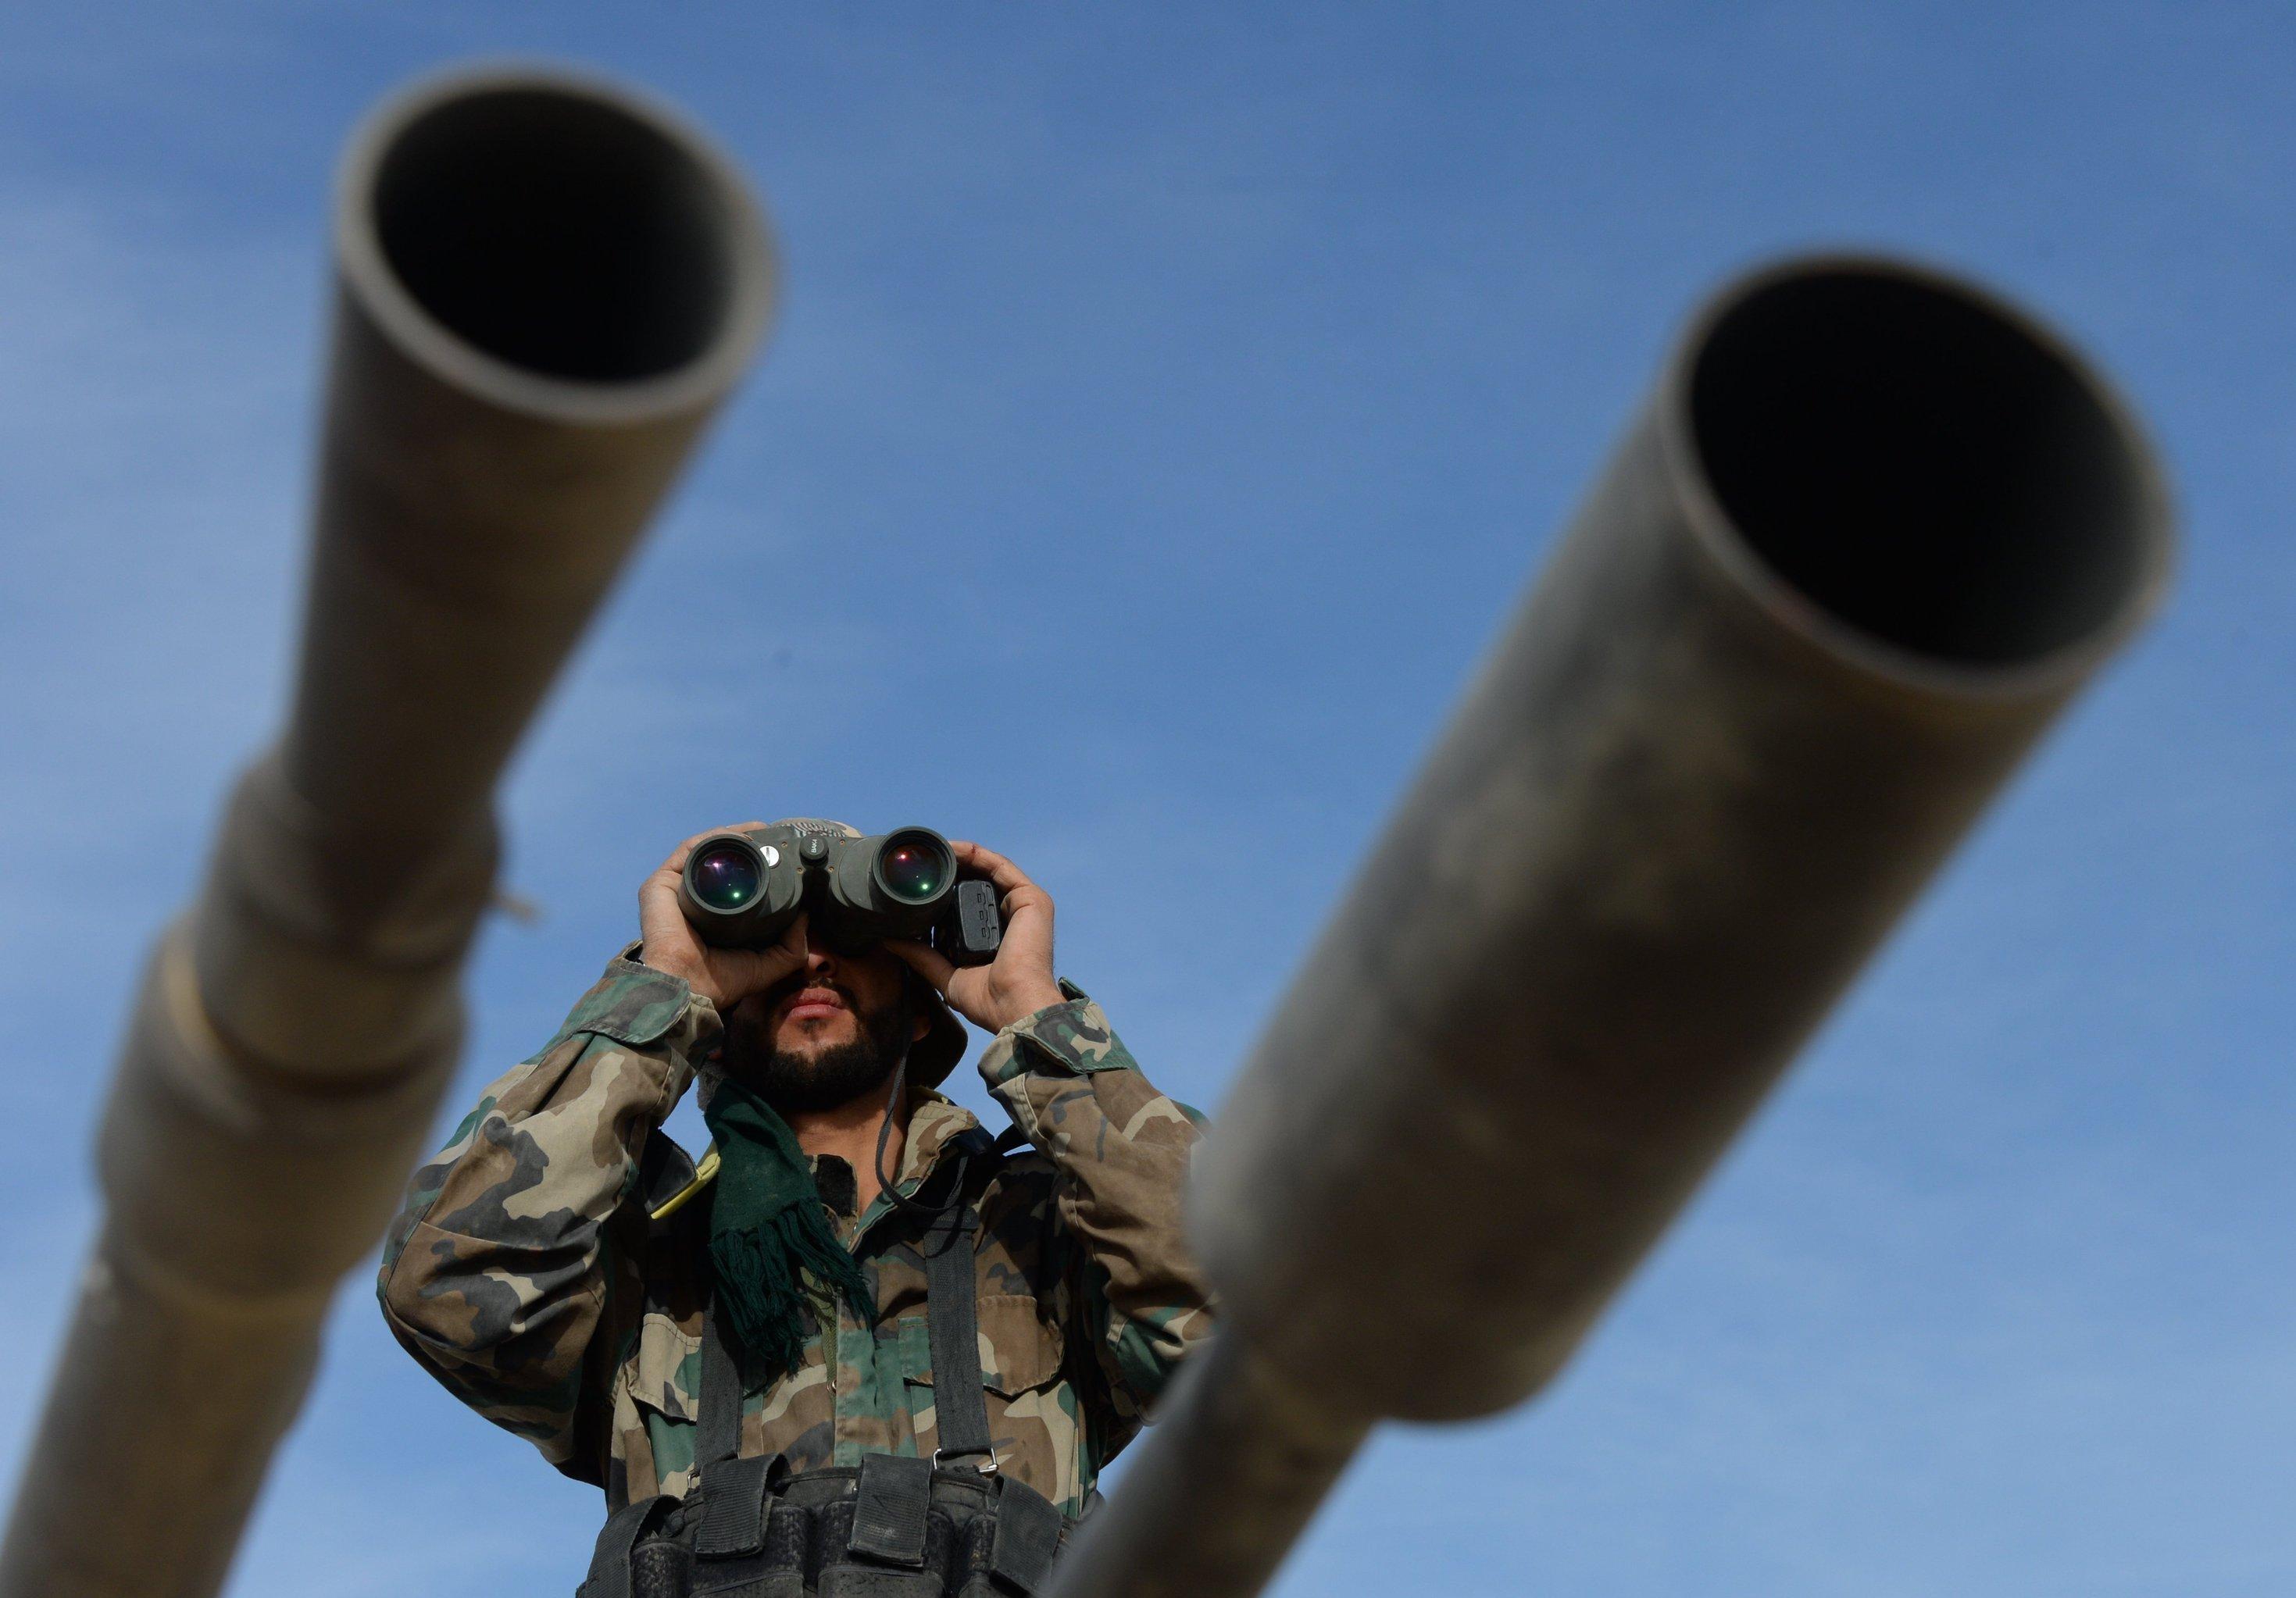 Ухудшение взаимодействия между США и Россией на фоне срыва перемирия в Сирии